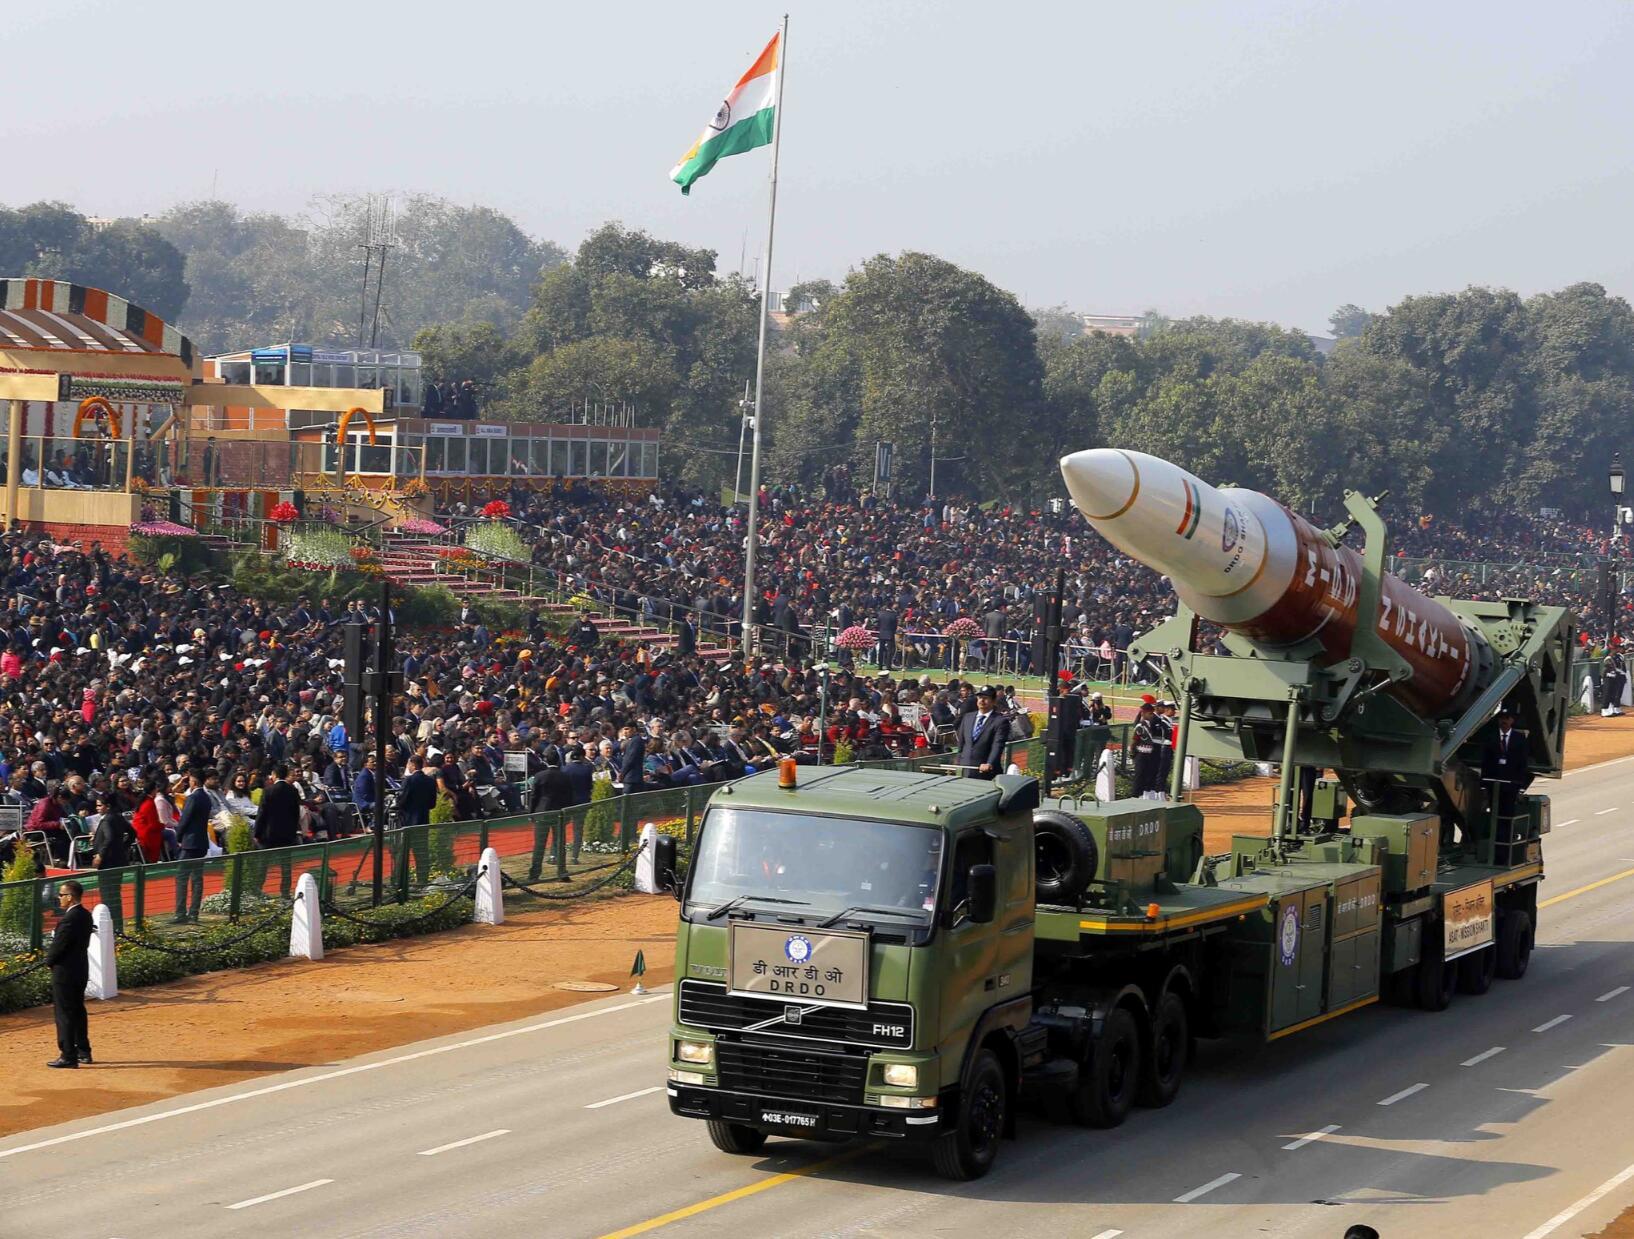 印度大阅兵亮出多款新武器硕大反卫星拦截弹抢眼